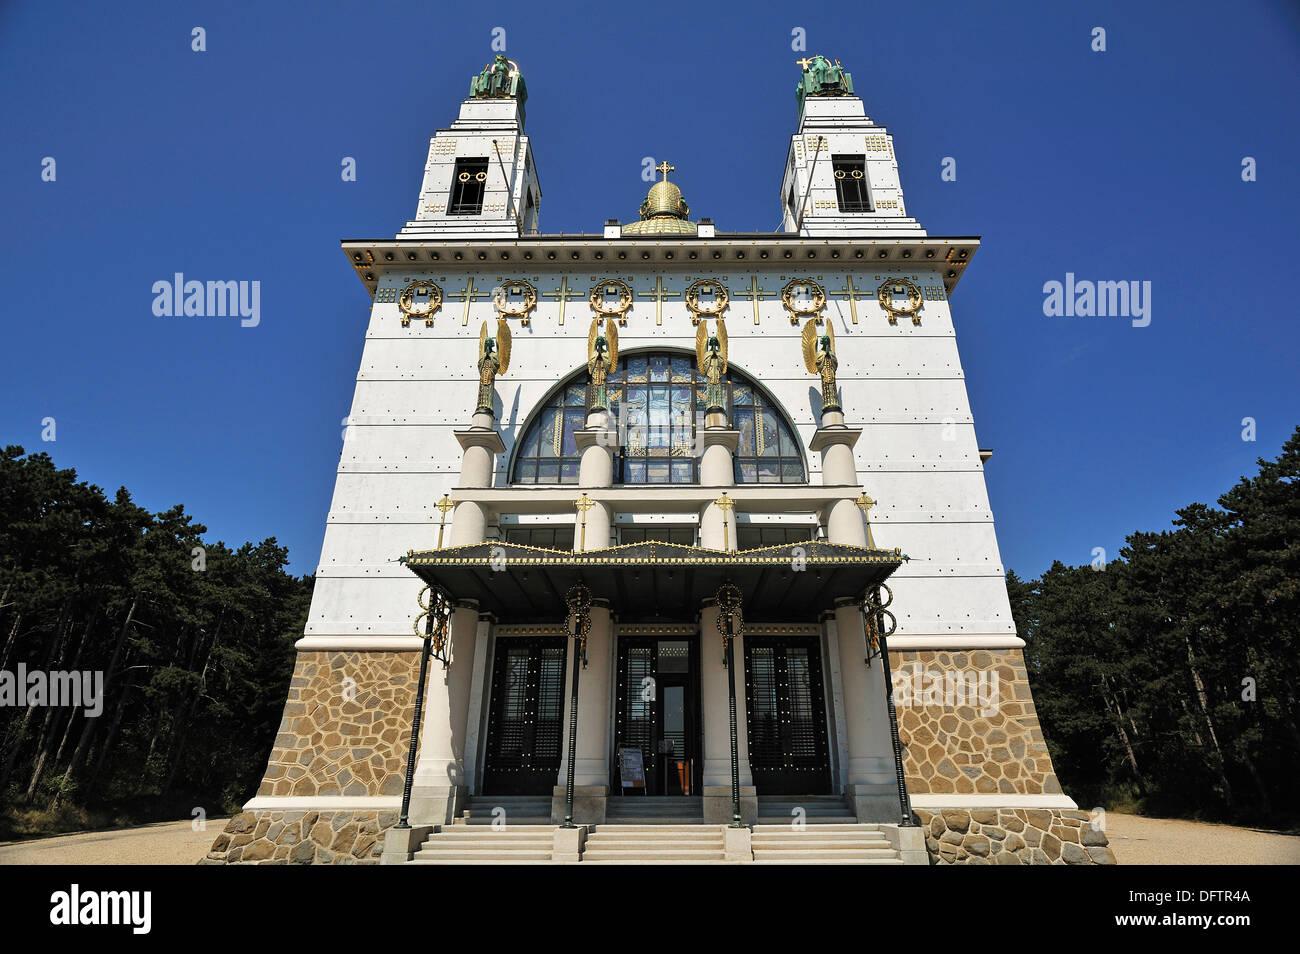 Kirche St. Leopold am Steinhof psychiatrisches Krankenhaus erbaut 1904-1907, entworfen von Otto Wagner, wichtige Gebäude von der Stockbild